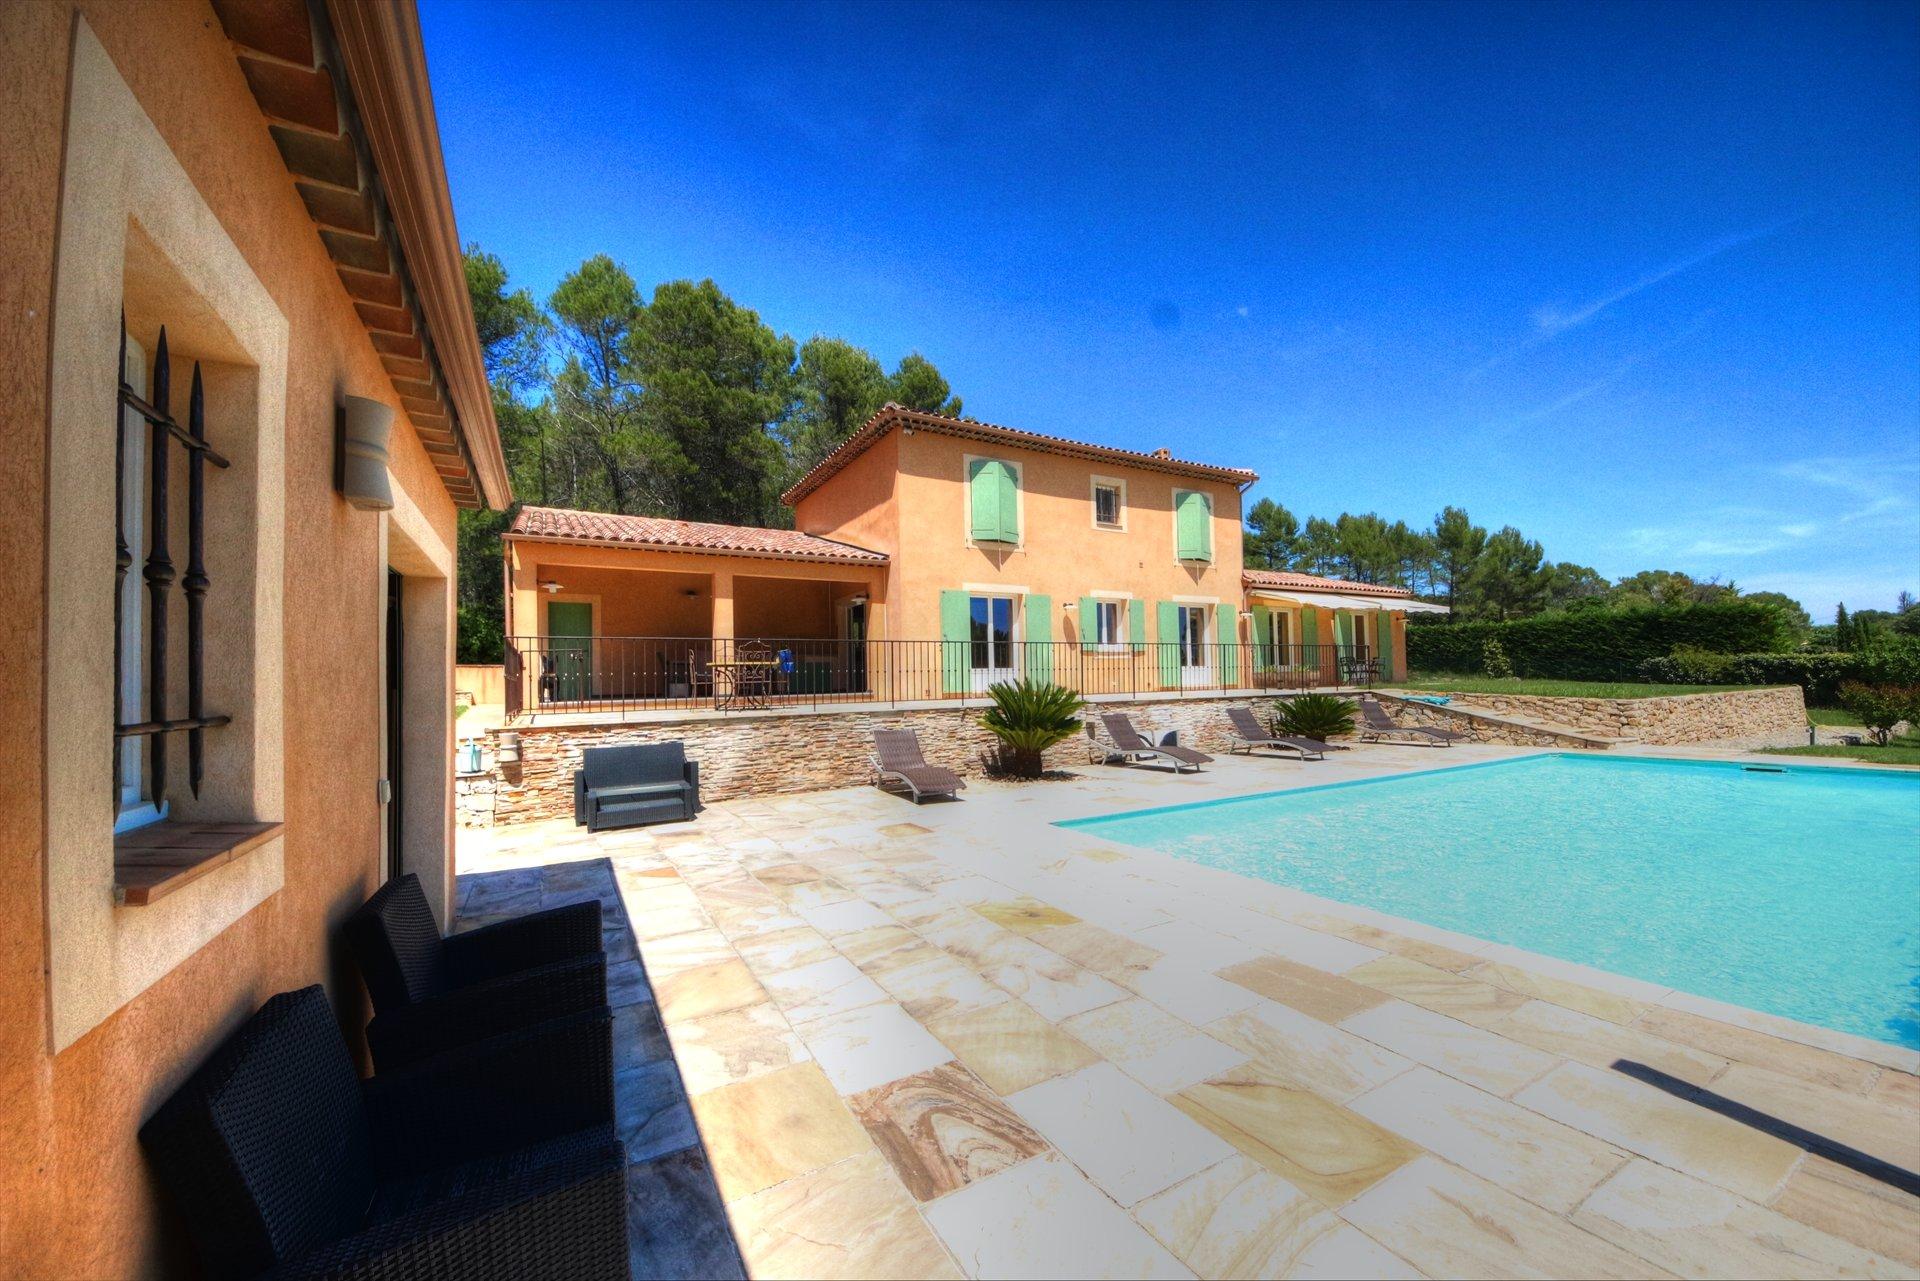 Lorgues, superbe maison avec piscine et garage, calme et campagne